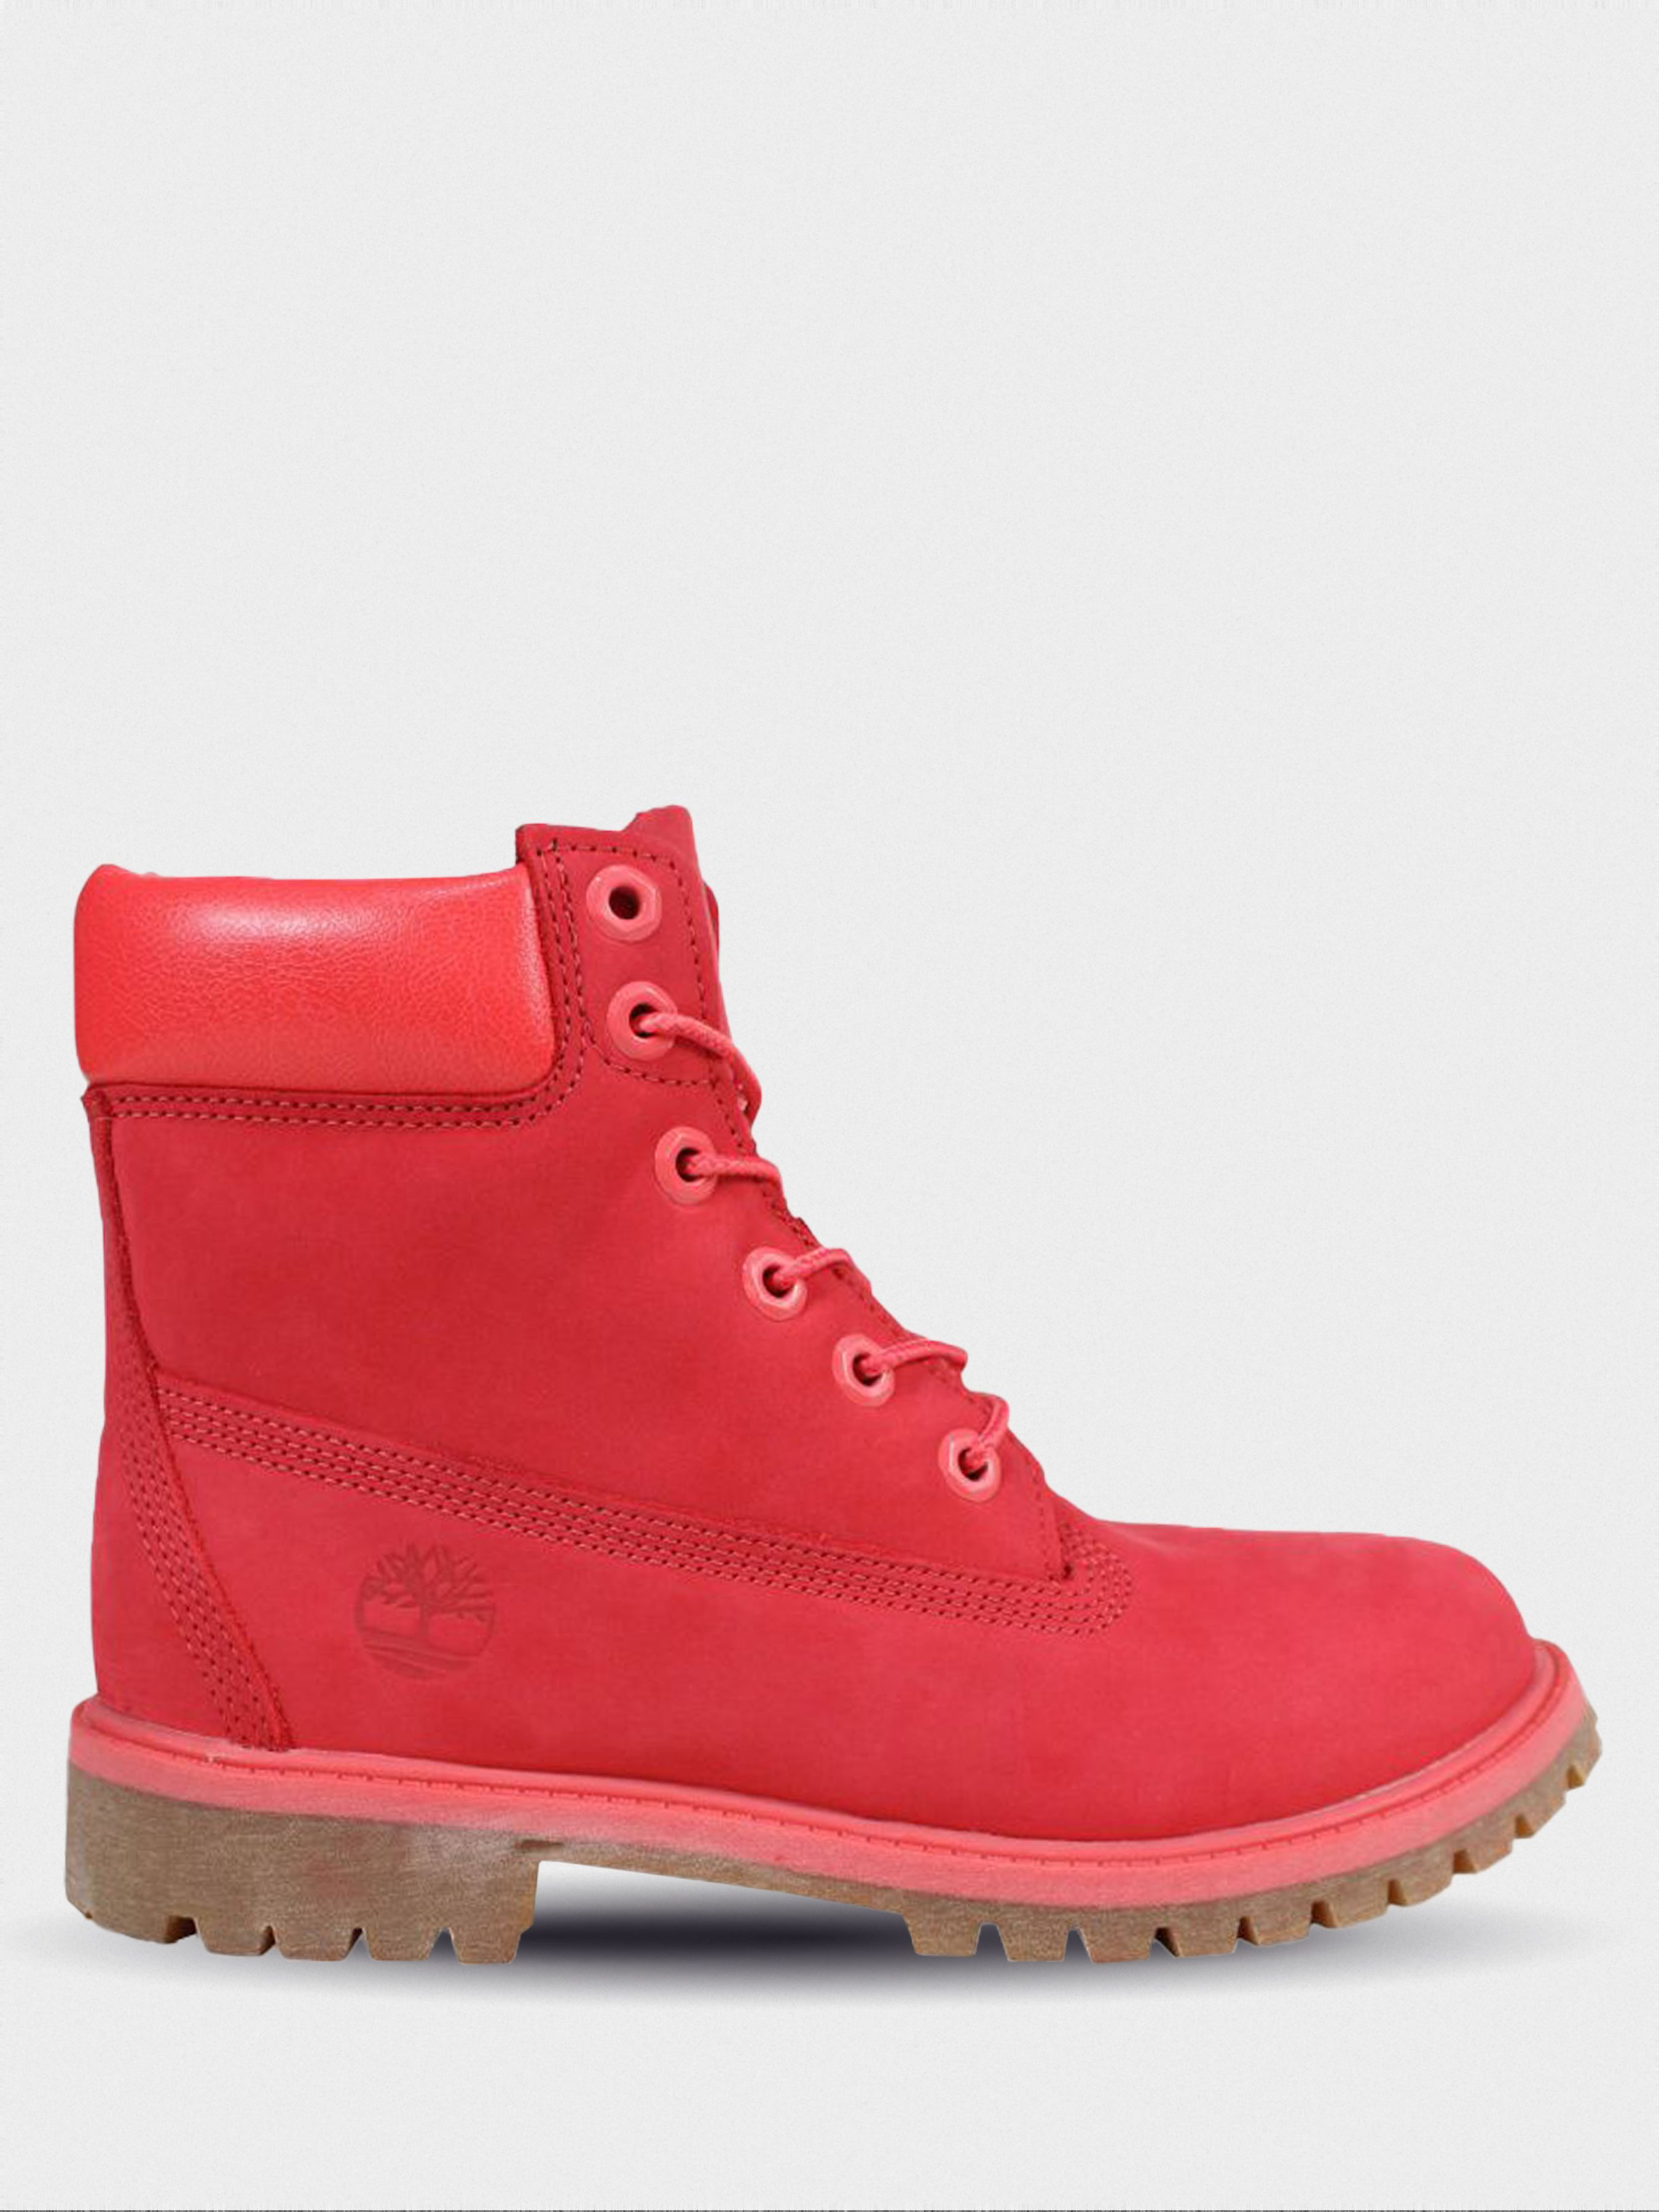 Купить Ботинки детские Timberland 6 In Classic Boot TL1627, Красный